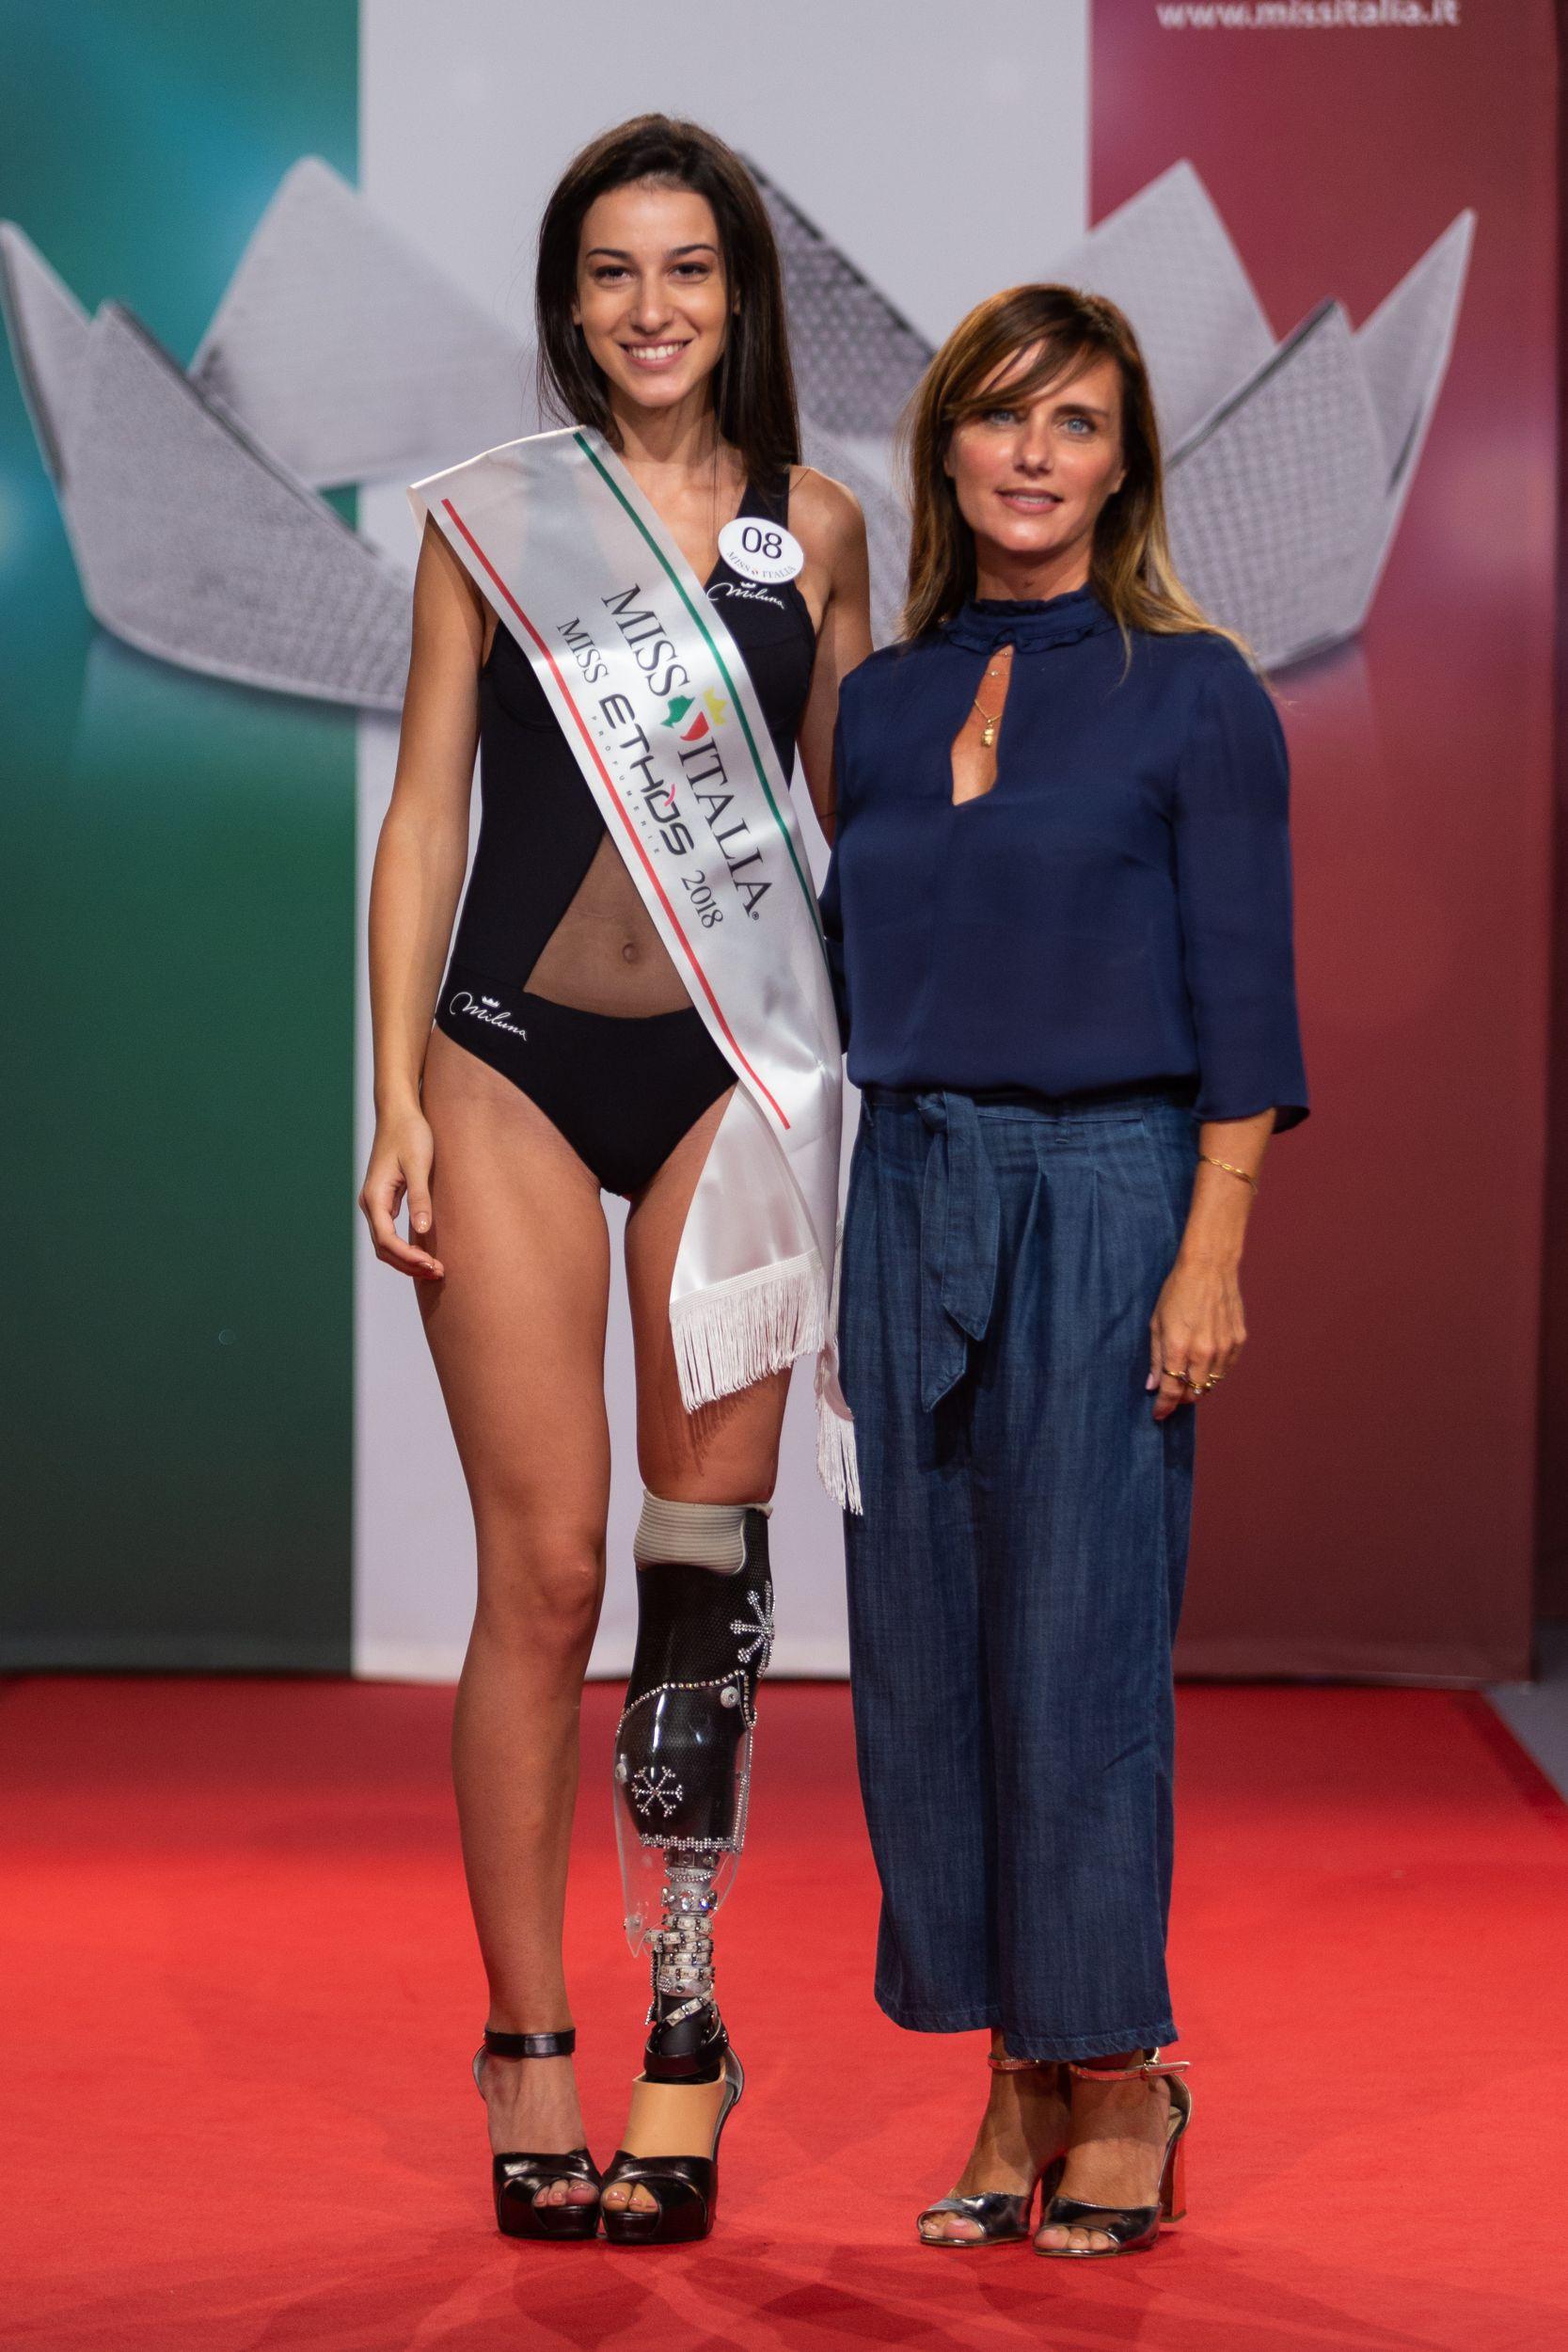 Chiara Bordi e Mara Zanotto